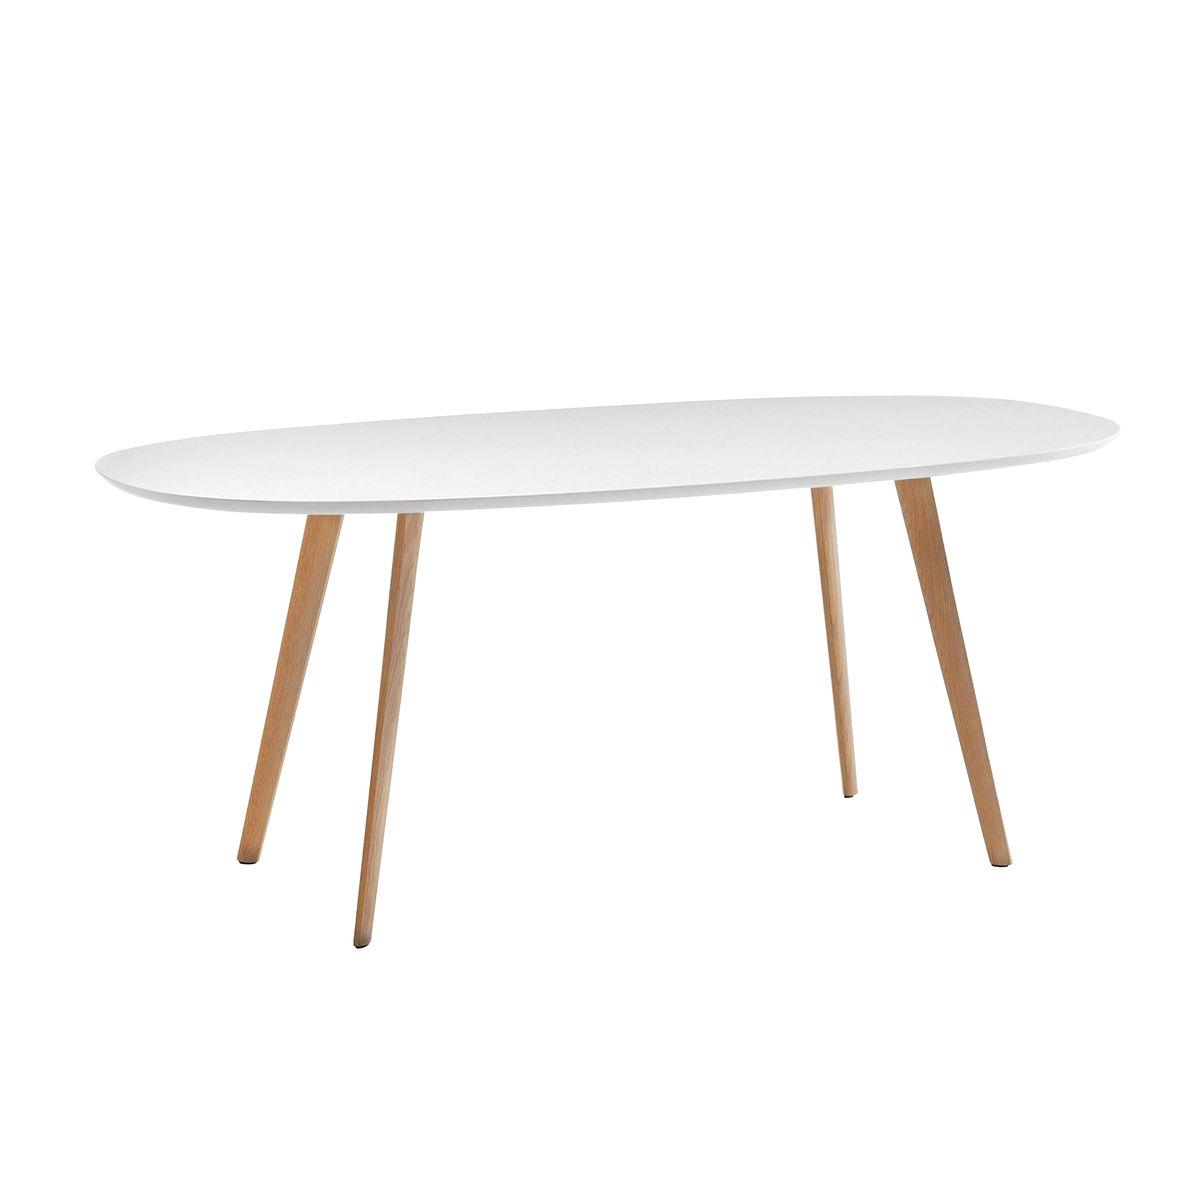 Esstisch oval weiß  Gher Esstisch | Arper | AmbienteDirect.com